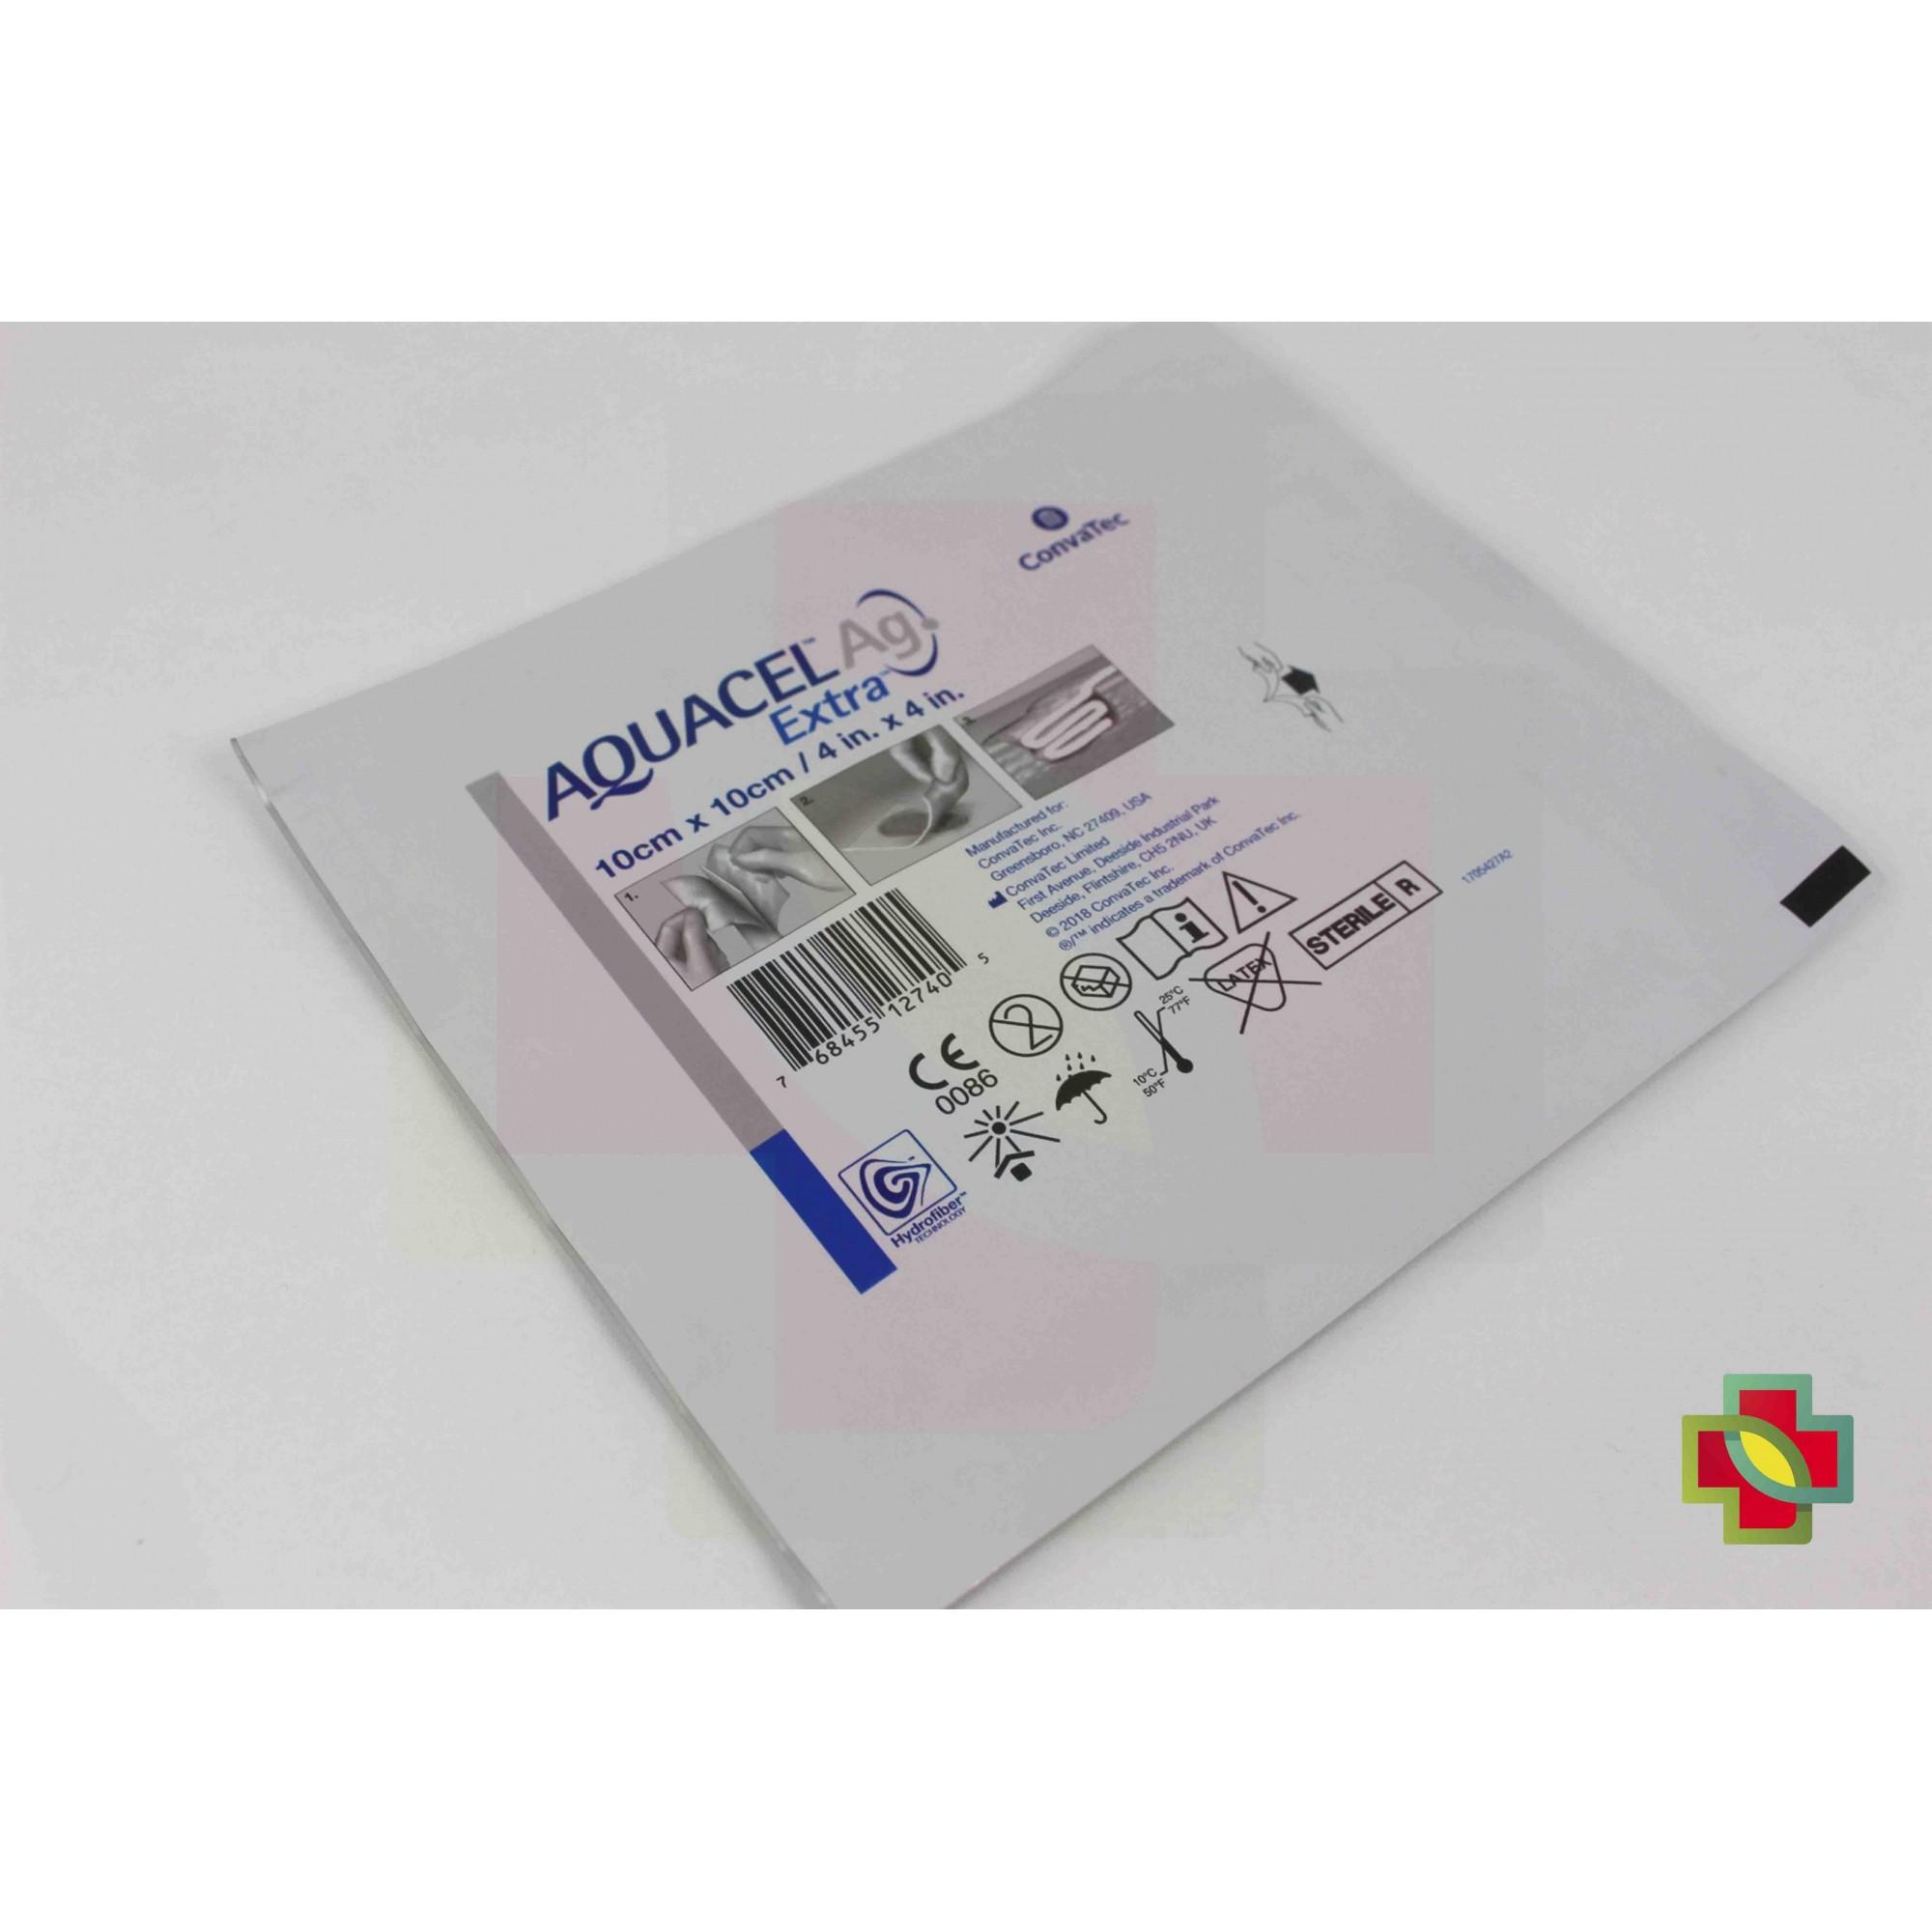 CURATIVO AQUACEL AG EXTRA 10 X 10 (KIT COM 5 UNDS.) 420676 - CONVATEC